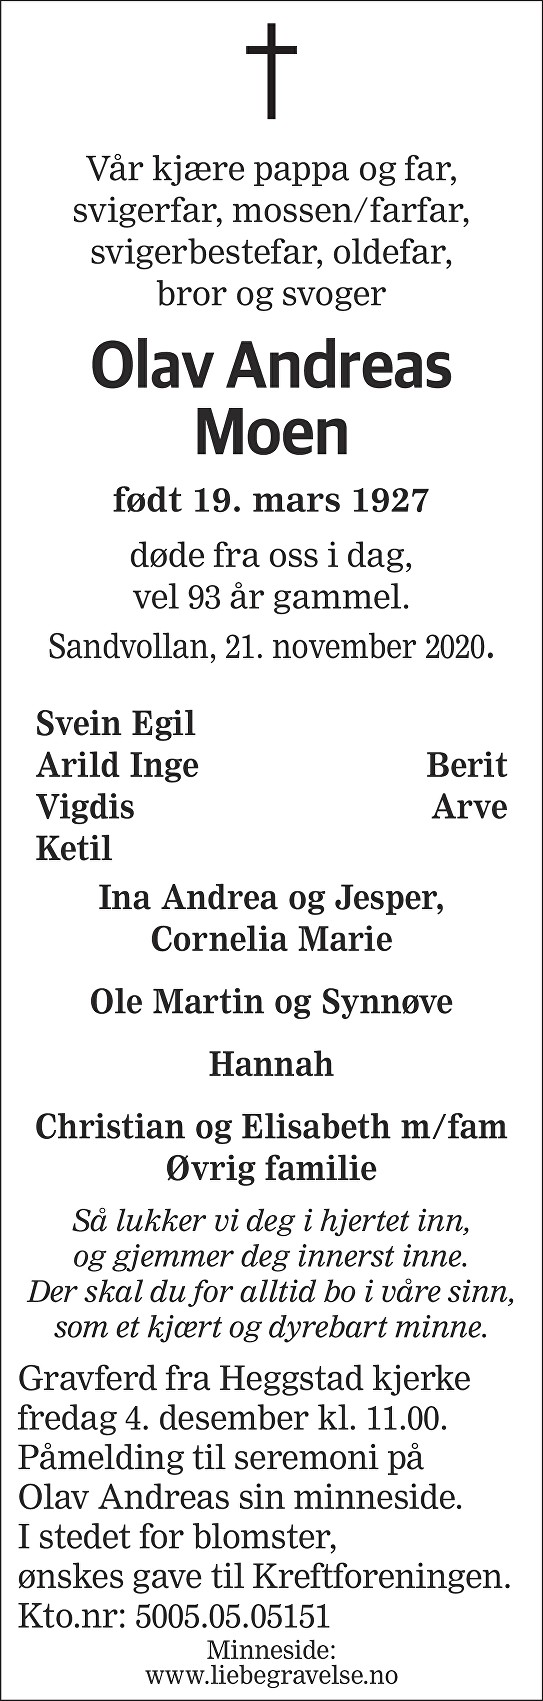 Olav Andreas Moen Dødsannonse